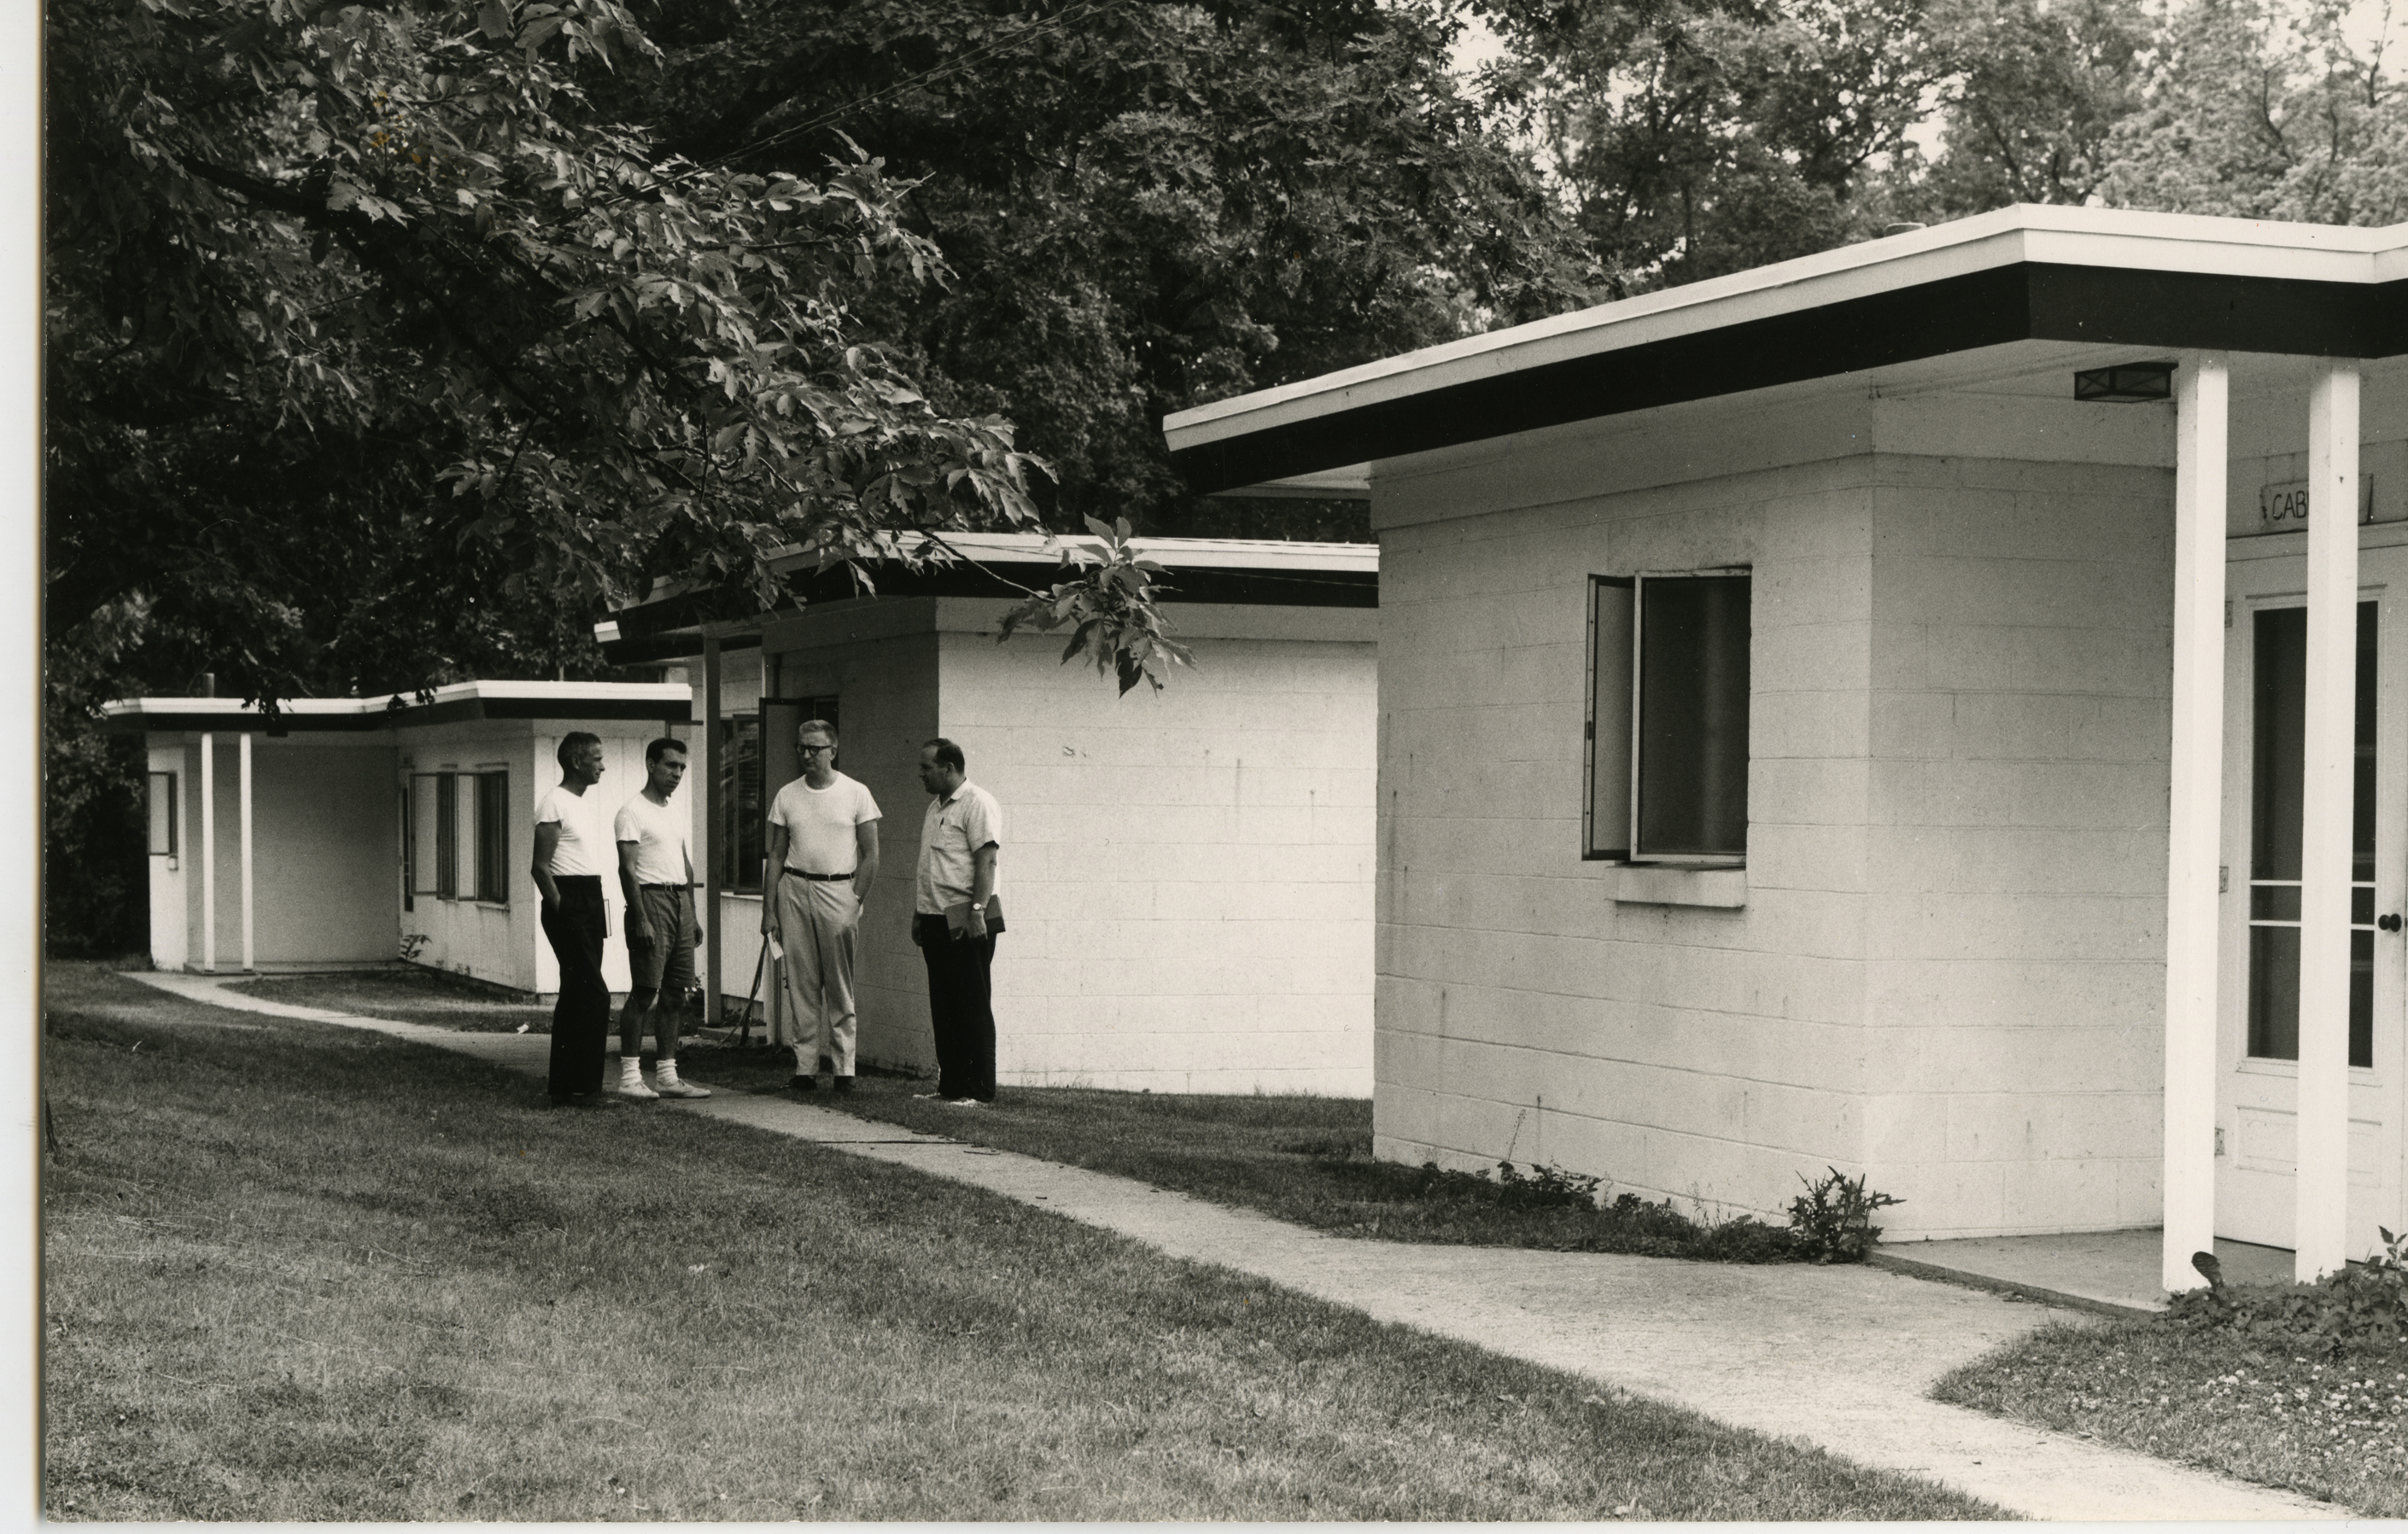 Men standing outside buildings at KBS, 1973